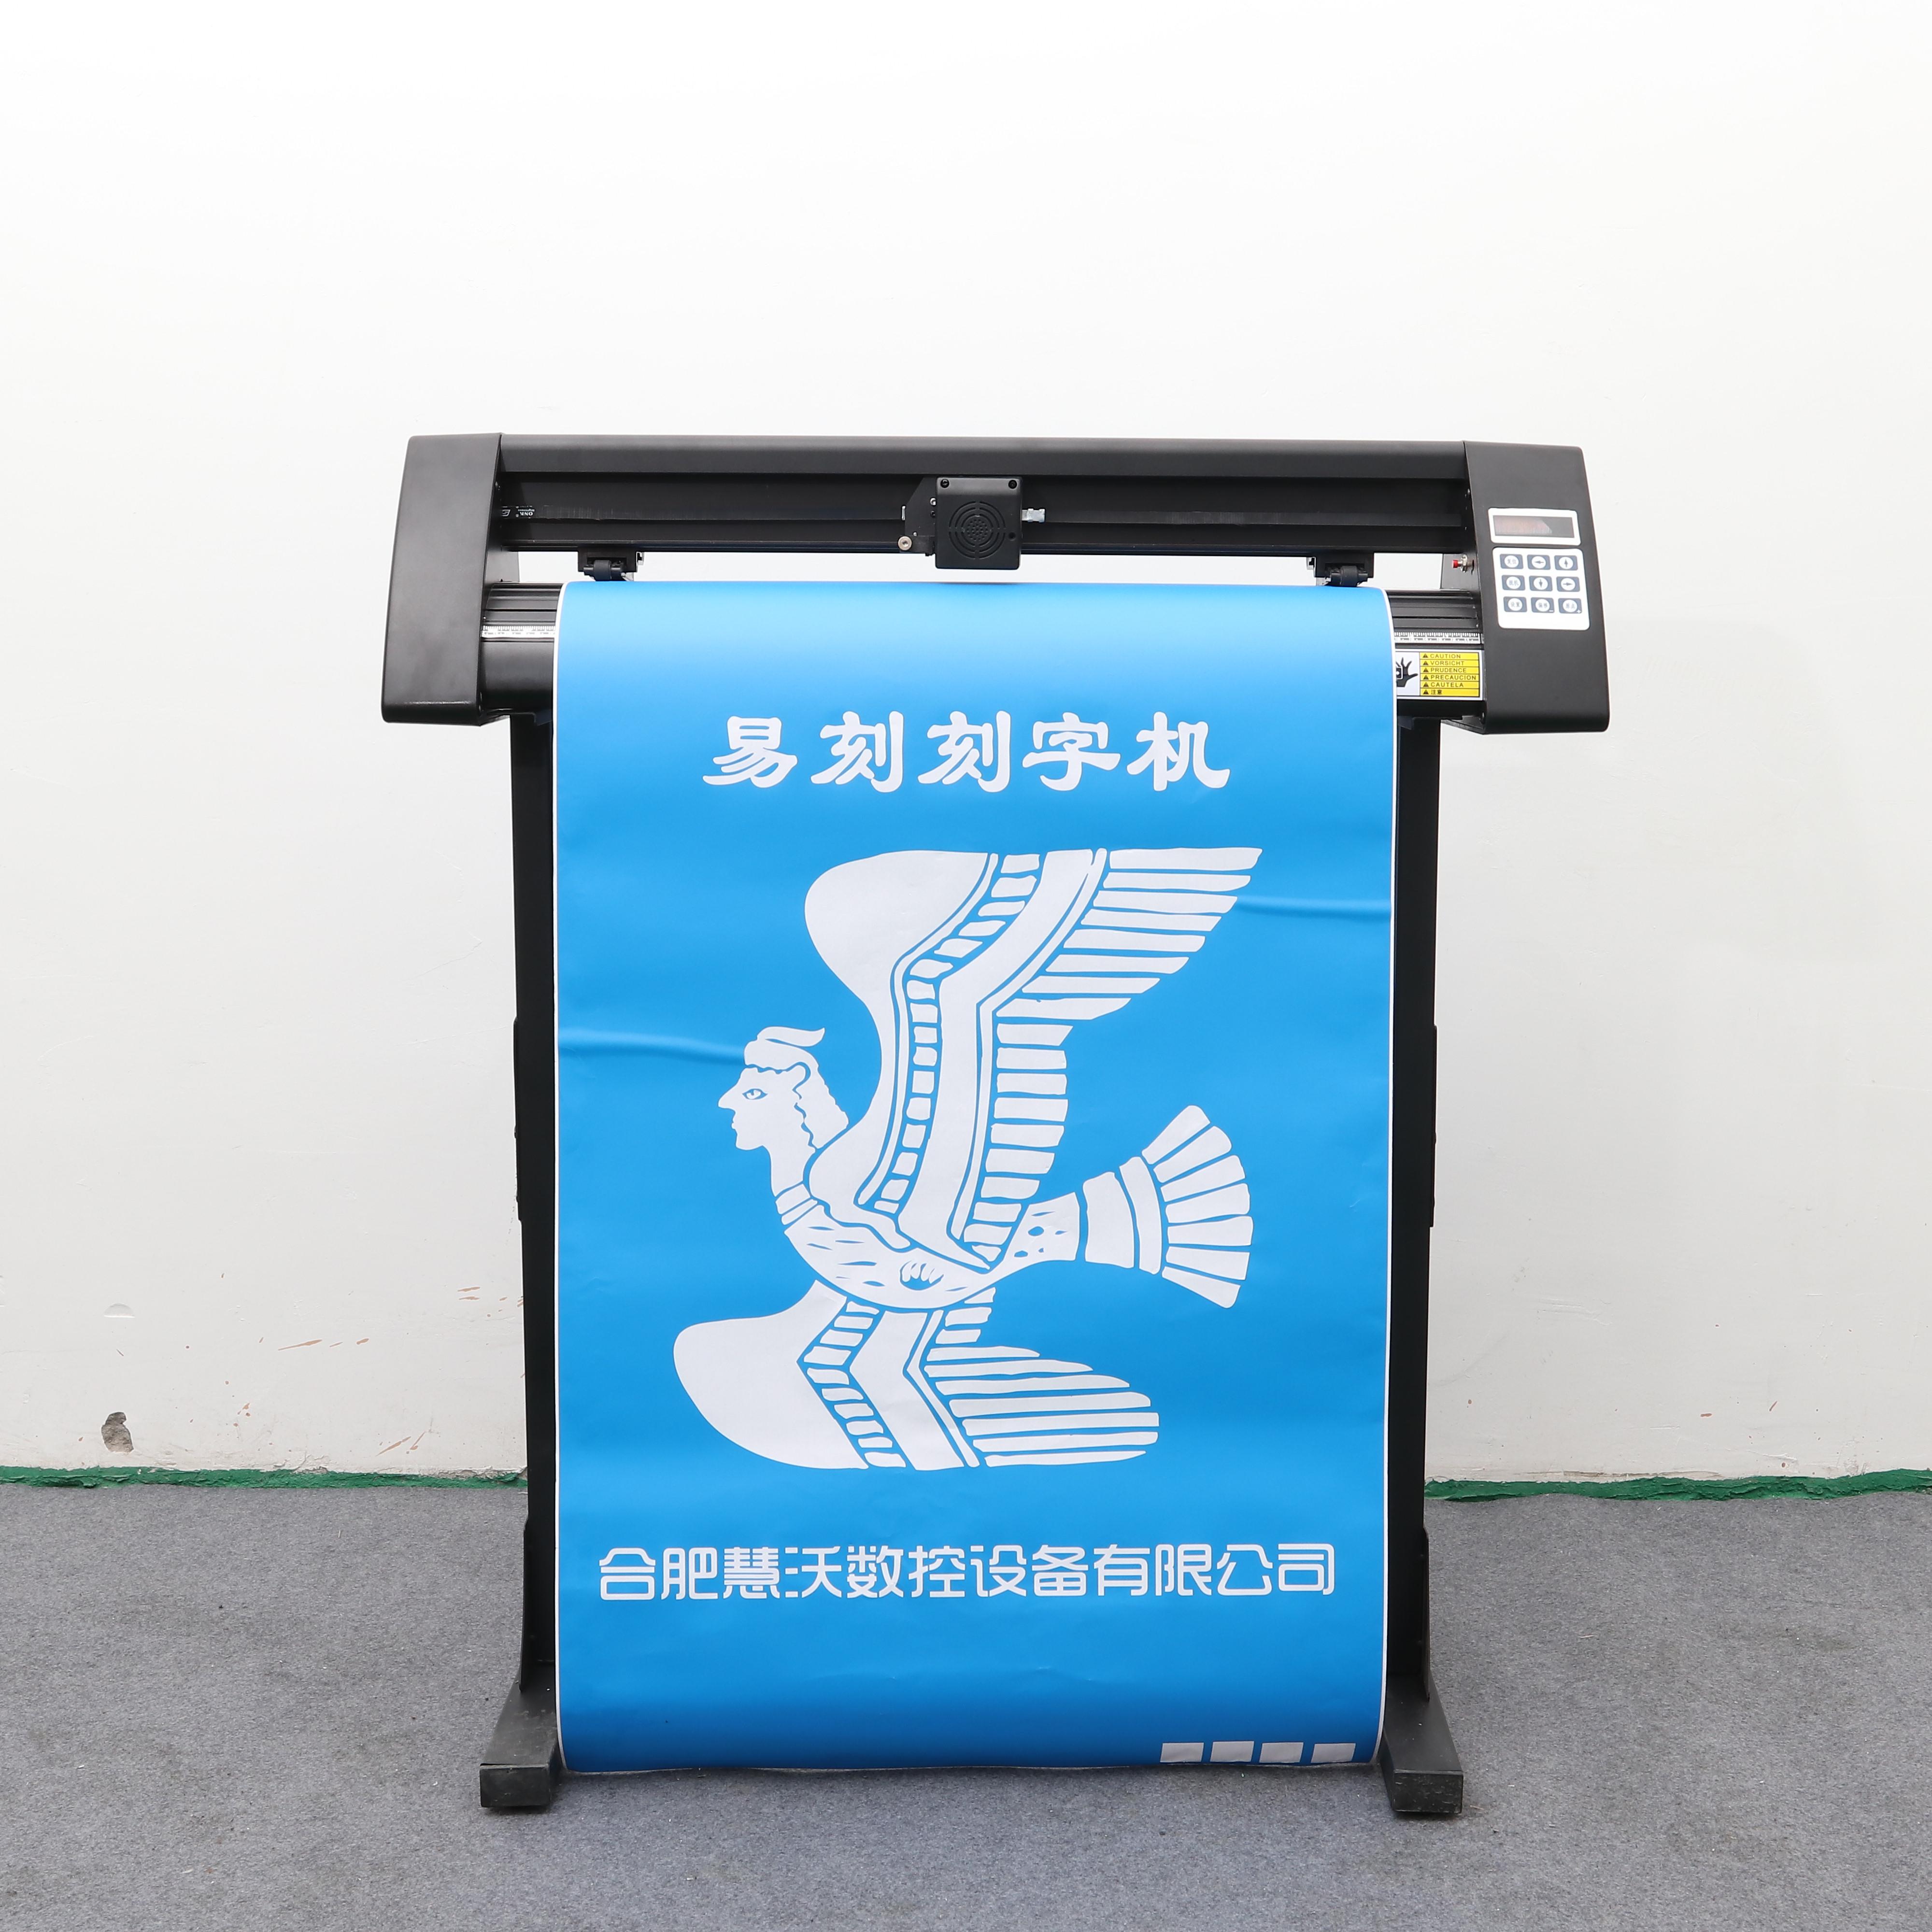 Фоторежущий плоттер E-CUT 2 фута, экономный виниловый резак 720 мм 630 мм